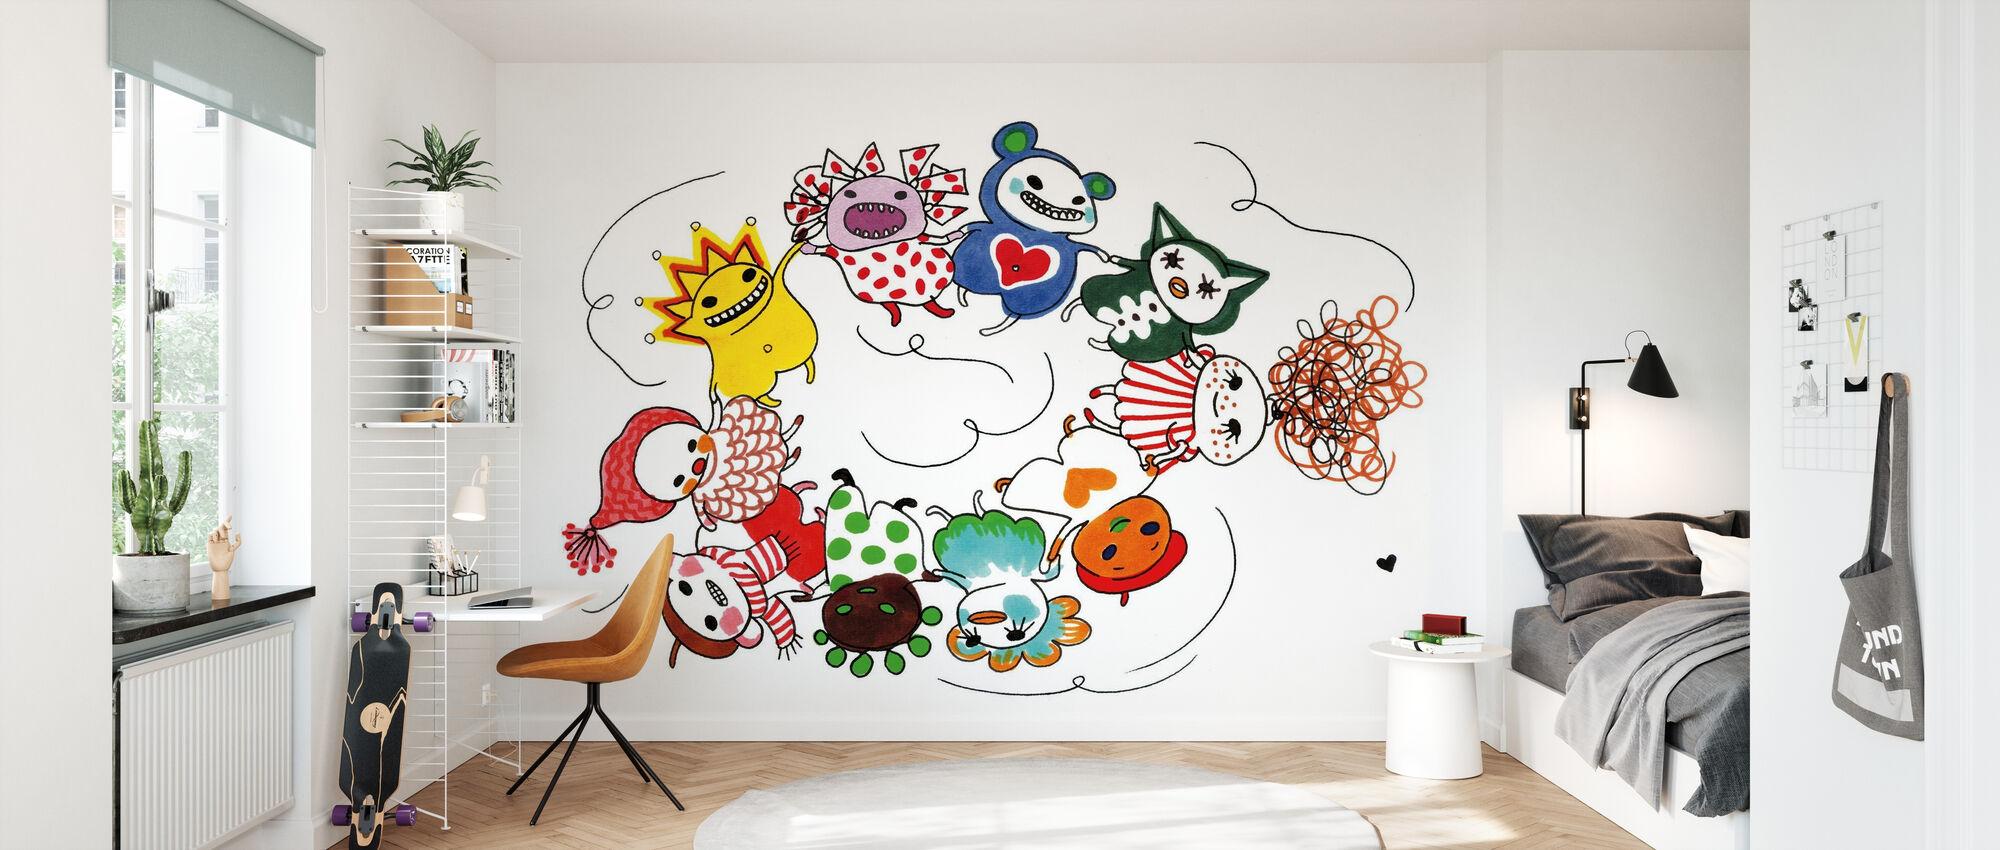 Dansa - Wallpaper - Kids Room